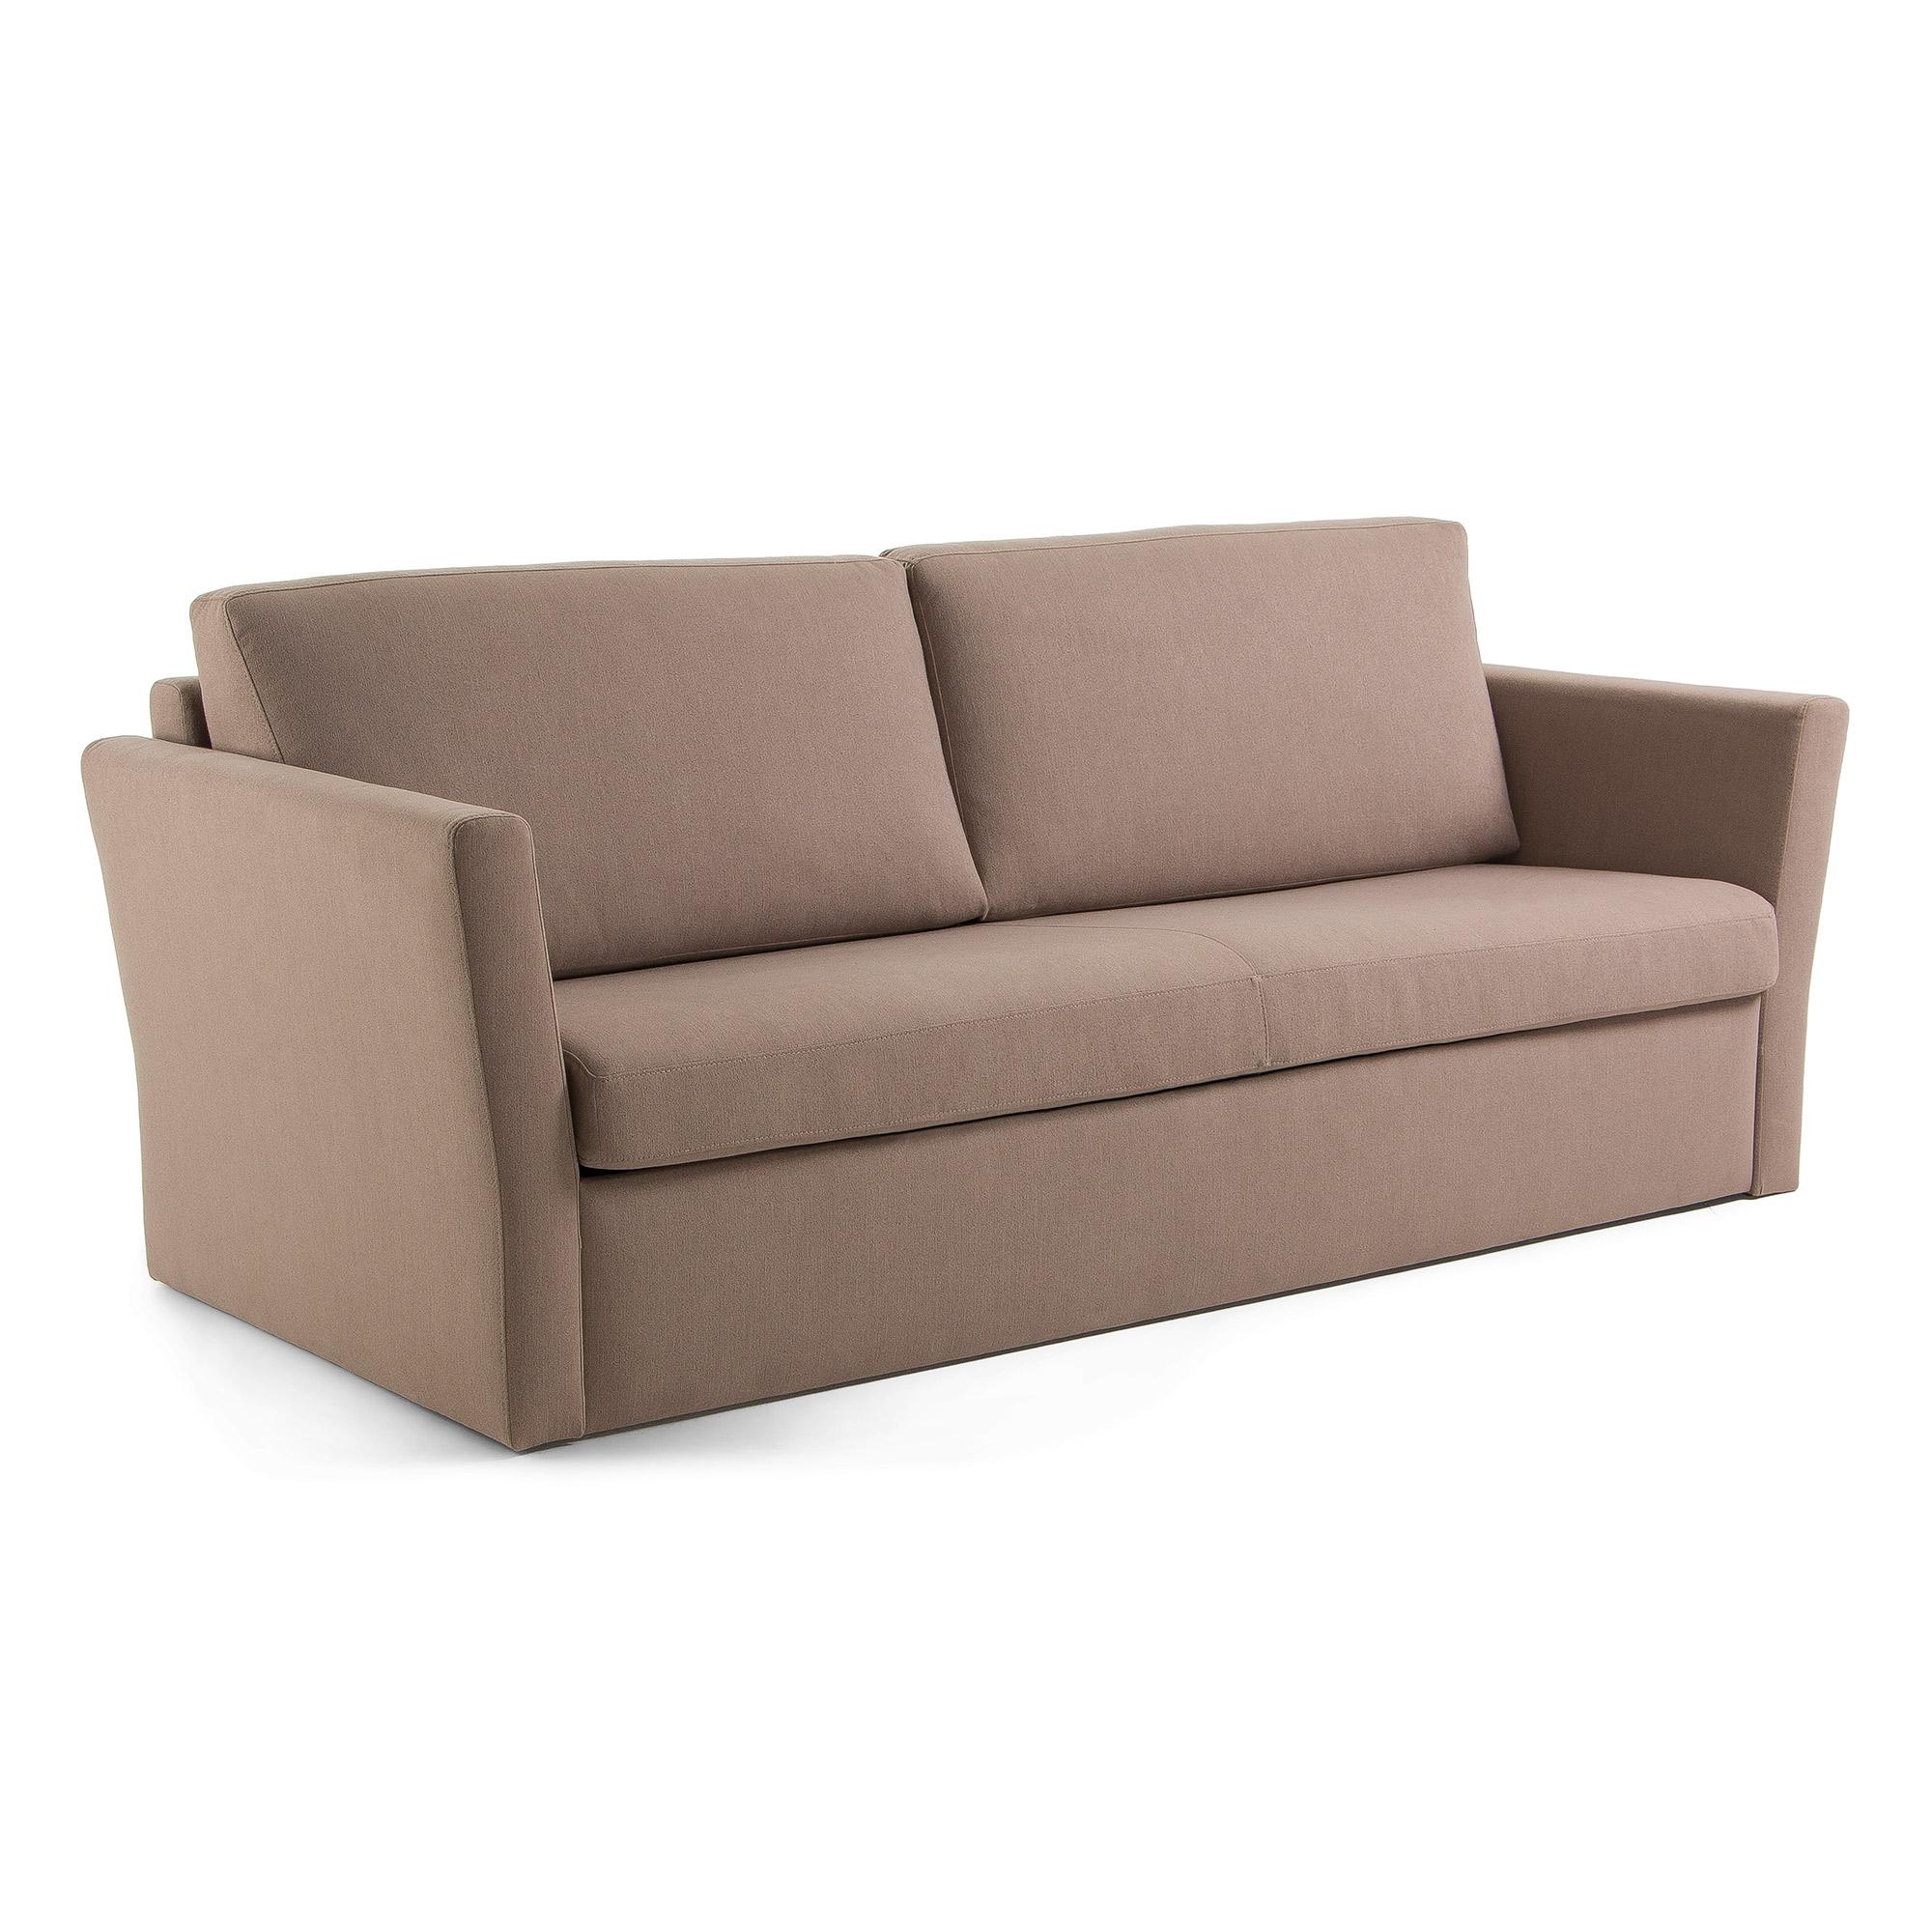 La forma диван-кровать westriver коричневый 120408/6